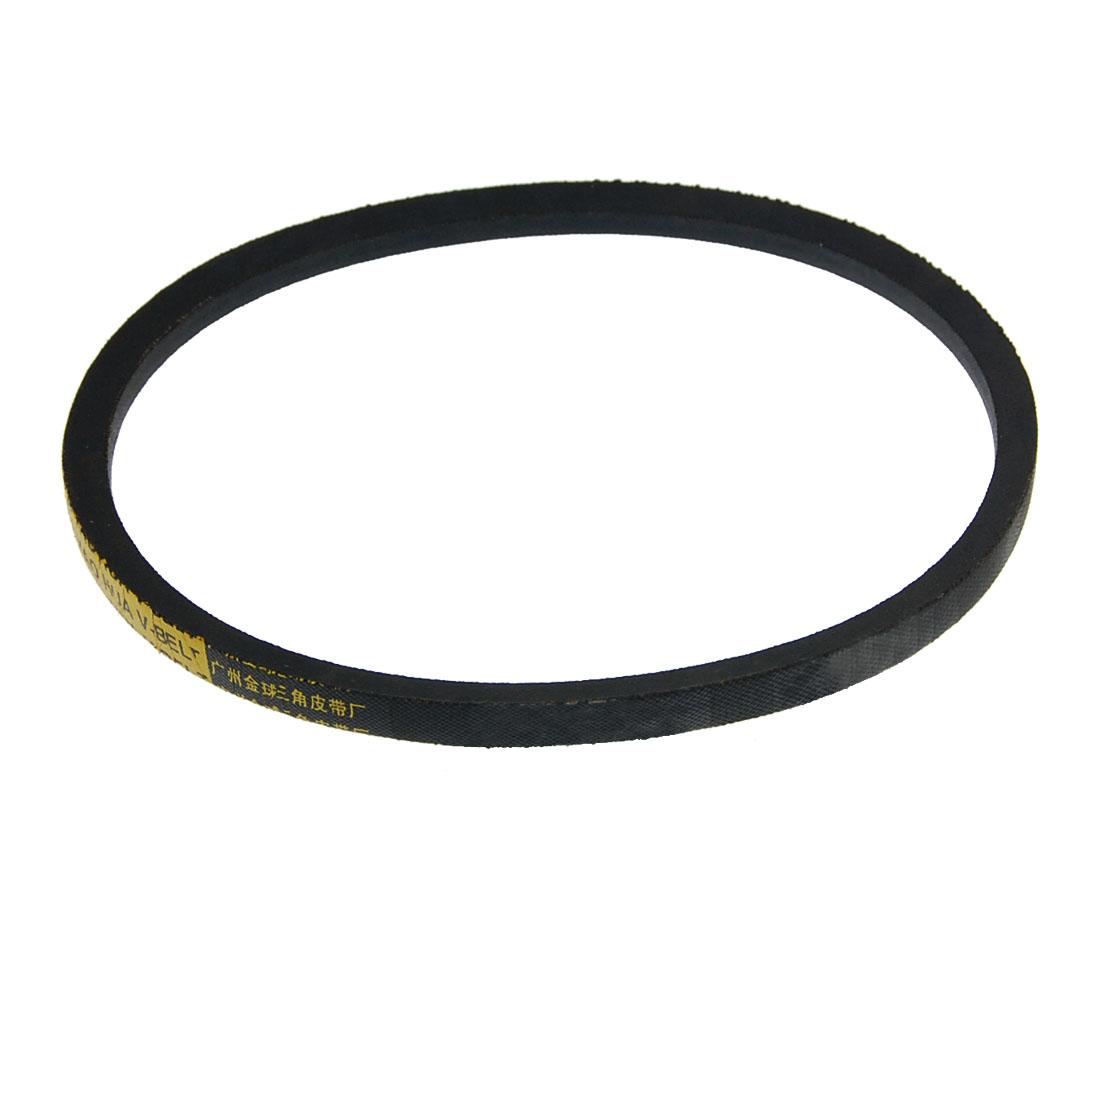 Transmission A Type 700mm Inner Girth Rubber Vee Belt Black